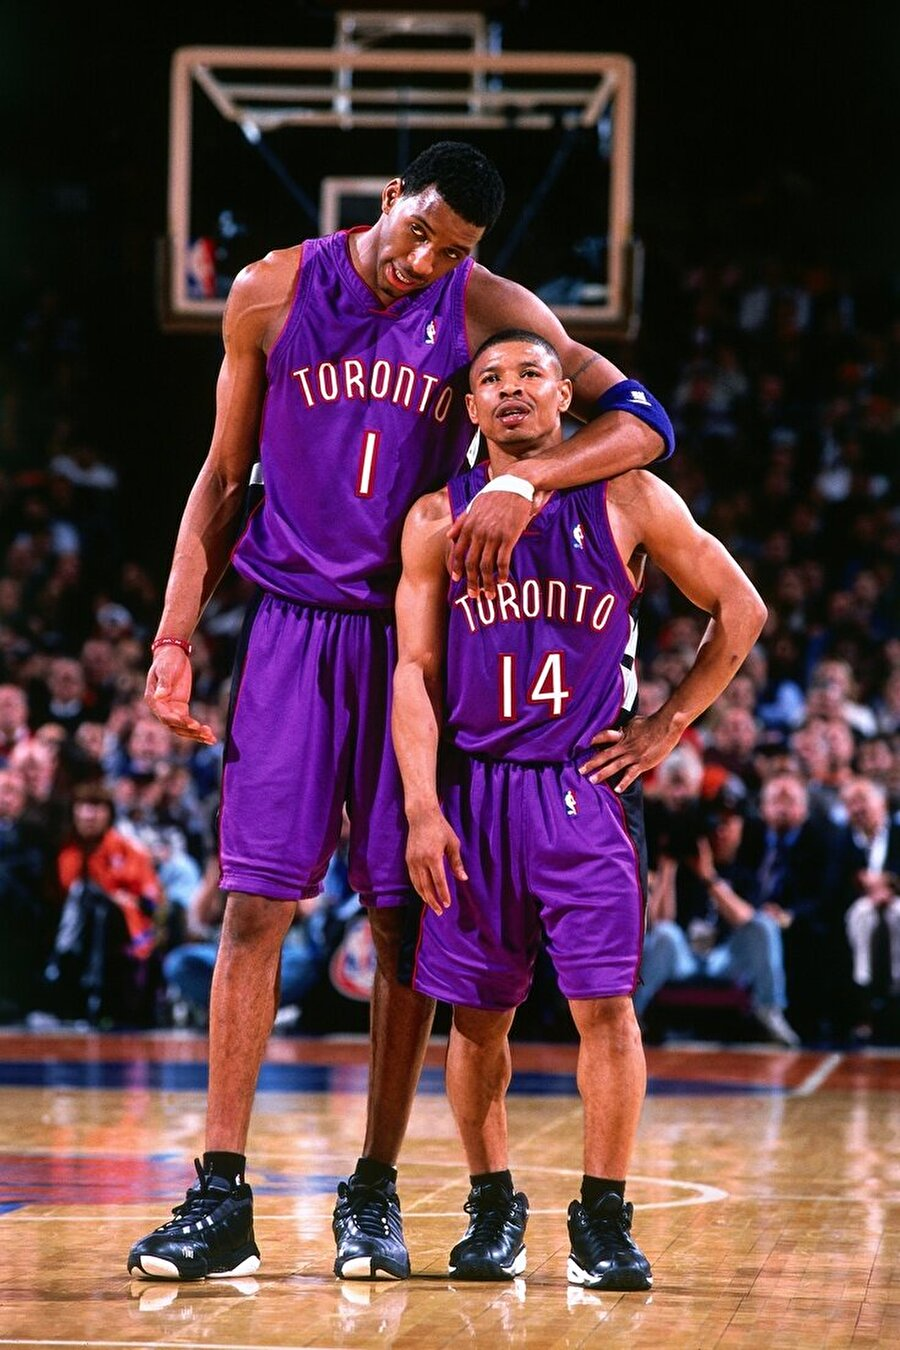 """Muggsy Bogues                                      NBA tarihinin en başarılı isimlerinden olan Muggsy Bogues, 1,60'lık boyuyla basketbolda belki de zor bir işi başardı. 16 yıl NBA'de 4 ayrı takımda oynayan Muggsy Bogues, çocukluğundan itibaren çok çalışarak hedeflerine ulaştığını vurguluyor. Boyu nedeniyle her zaman sıkıntılarla karşılaştığını ancak çalışmaktan hiçbir zaman vazgeçmediğini belirten Bogues """"Her zaman kendime inandım. Çok çalışarak kısa boyumun farkını kapattım. Çocukken herkes hayalimle alay ederdi. Ancak ben tüm bunlara rağmen yılmadım. Gençlere de en büyük tavsiyem, hedeflerinin peşinde koşmaları"""" diyor. Profesyonel basketbolculuk kariyerinin ardından antrenörlük yapan Bogues ayrıca gayrimenkul işiyle de ilgileniyor."""